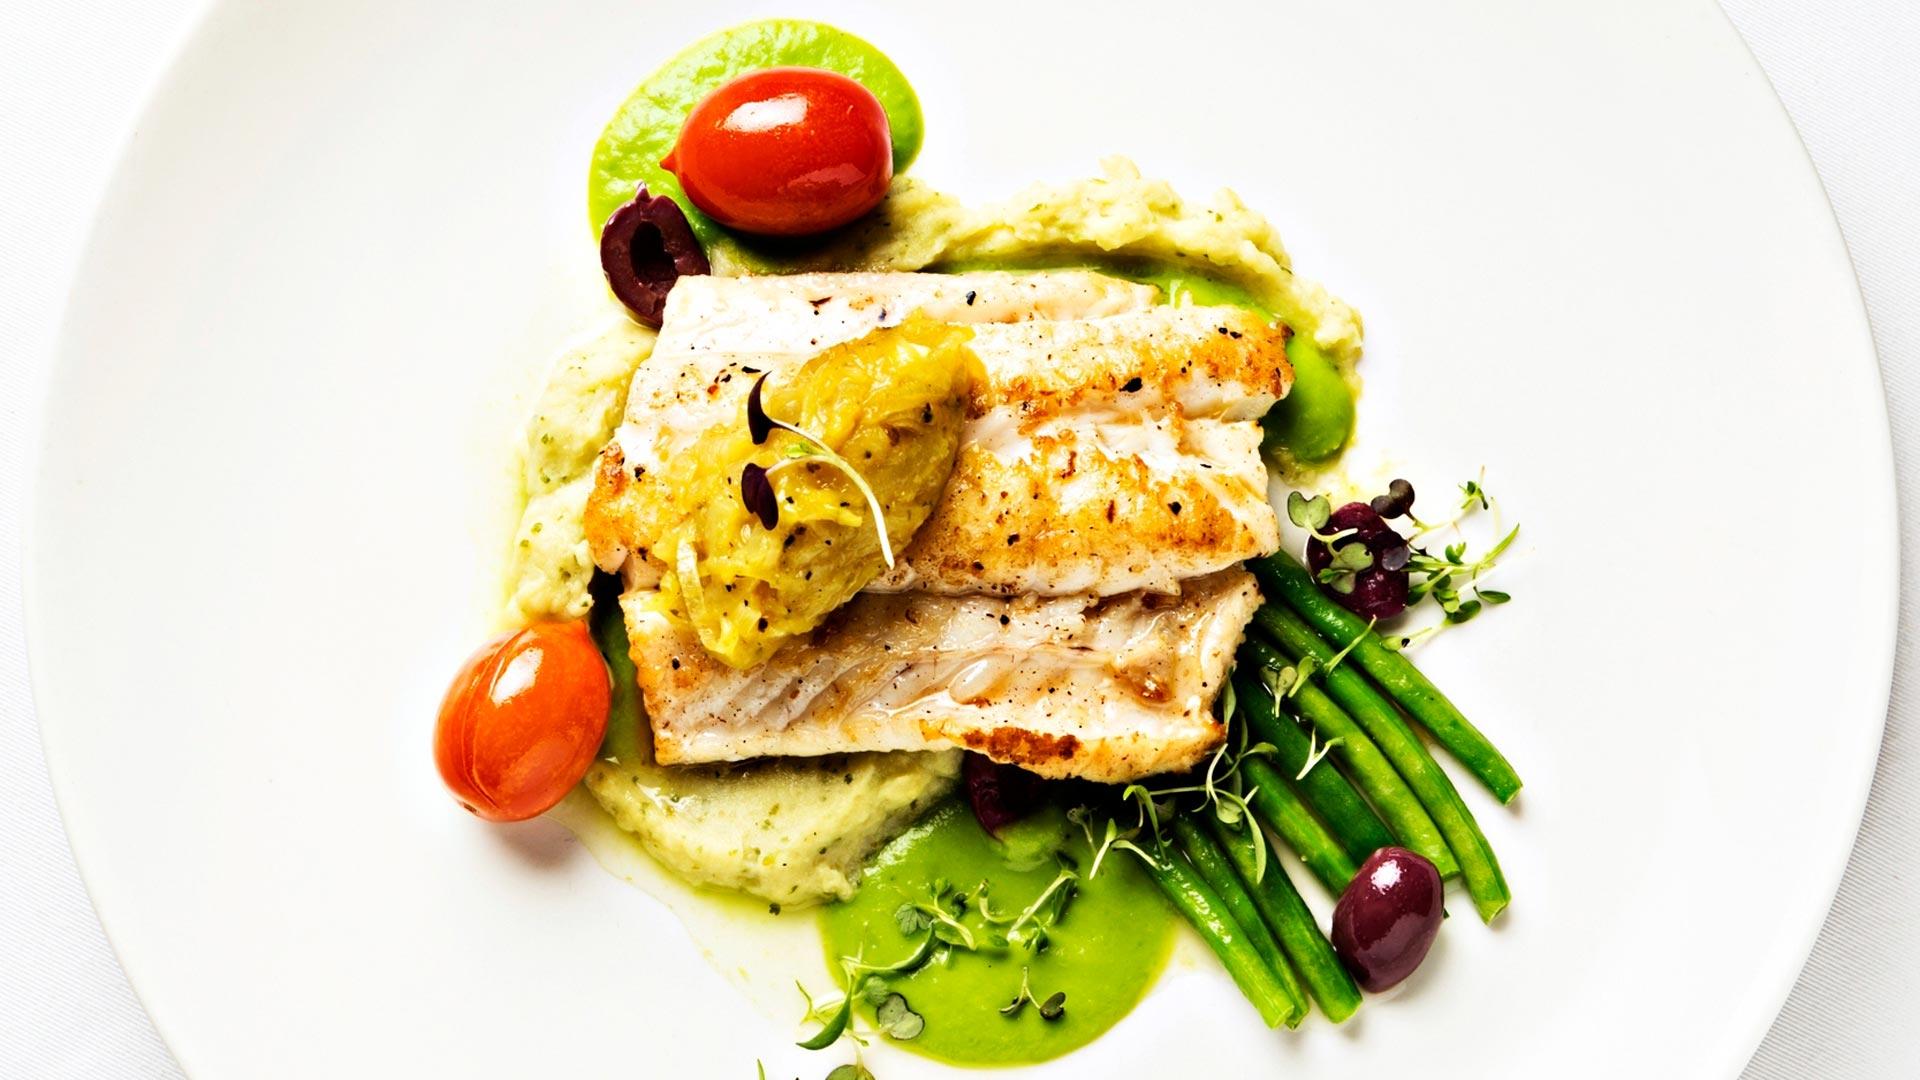 Tarkista, onko ruokavaliossasi tarpeeksi proteiinia: rahkavälipaloja, maitolasillisia, palkokasveja, kalaa, kanaa ja tofua.